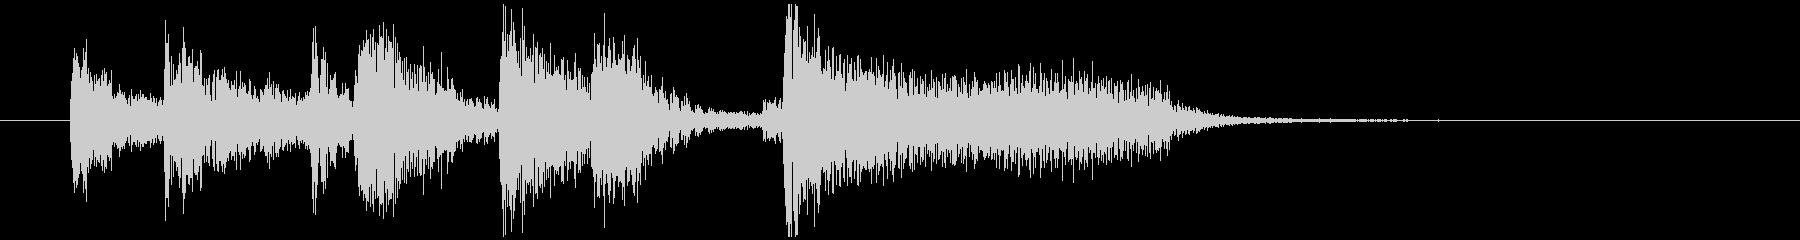 場面転換などにジャズジングル(3)の未再生の波形